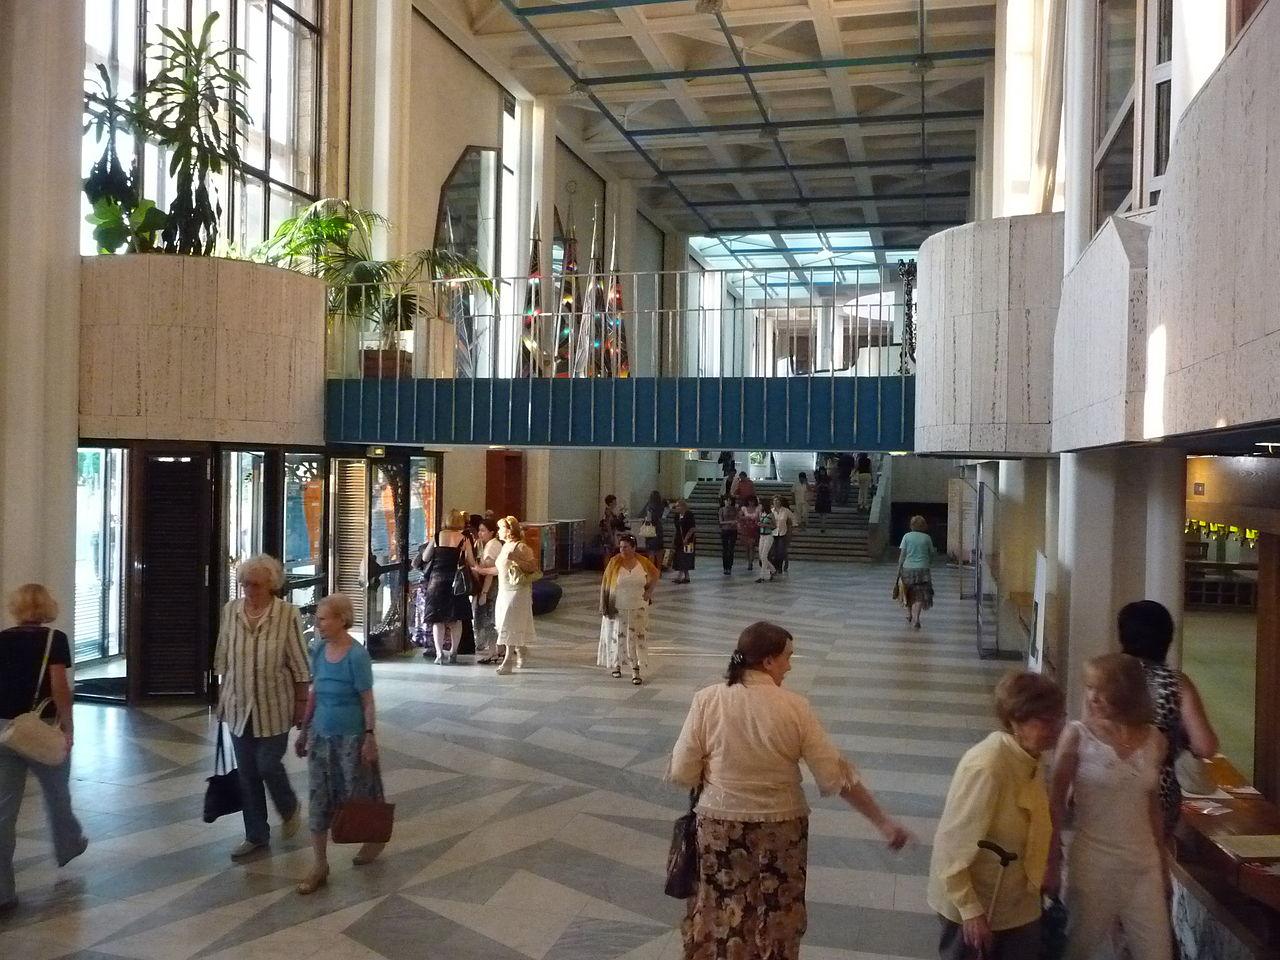 Театр имени сац афиша цена билетов в театр бдт в санкт петербурге